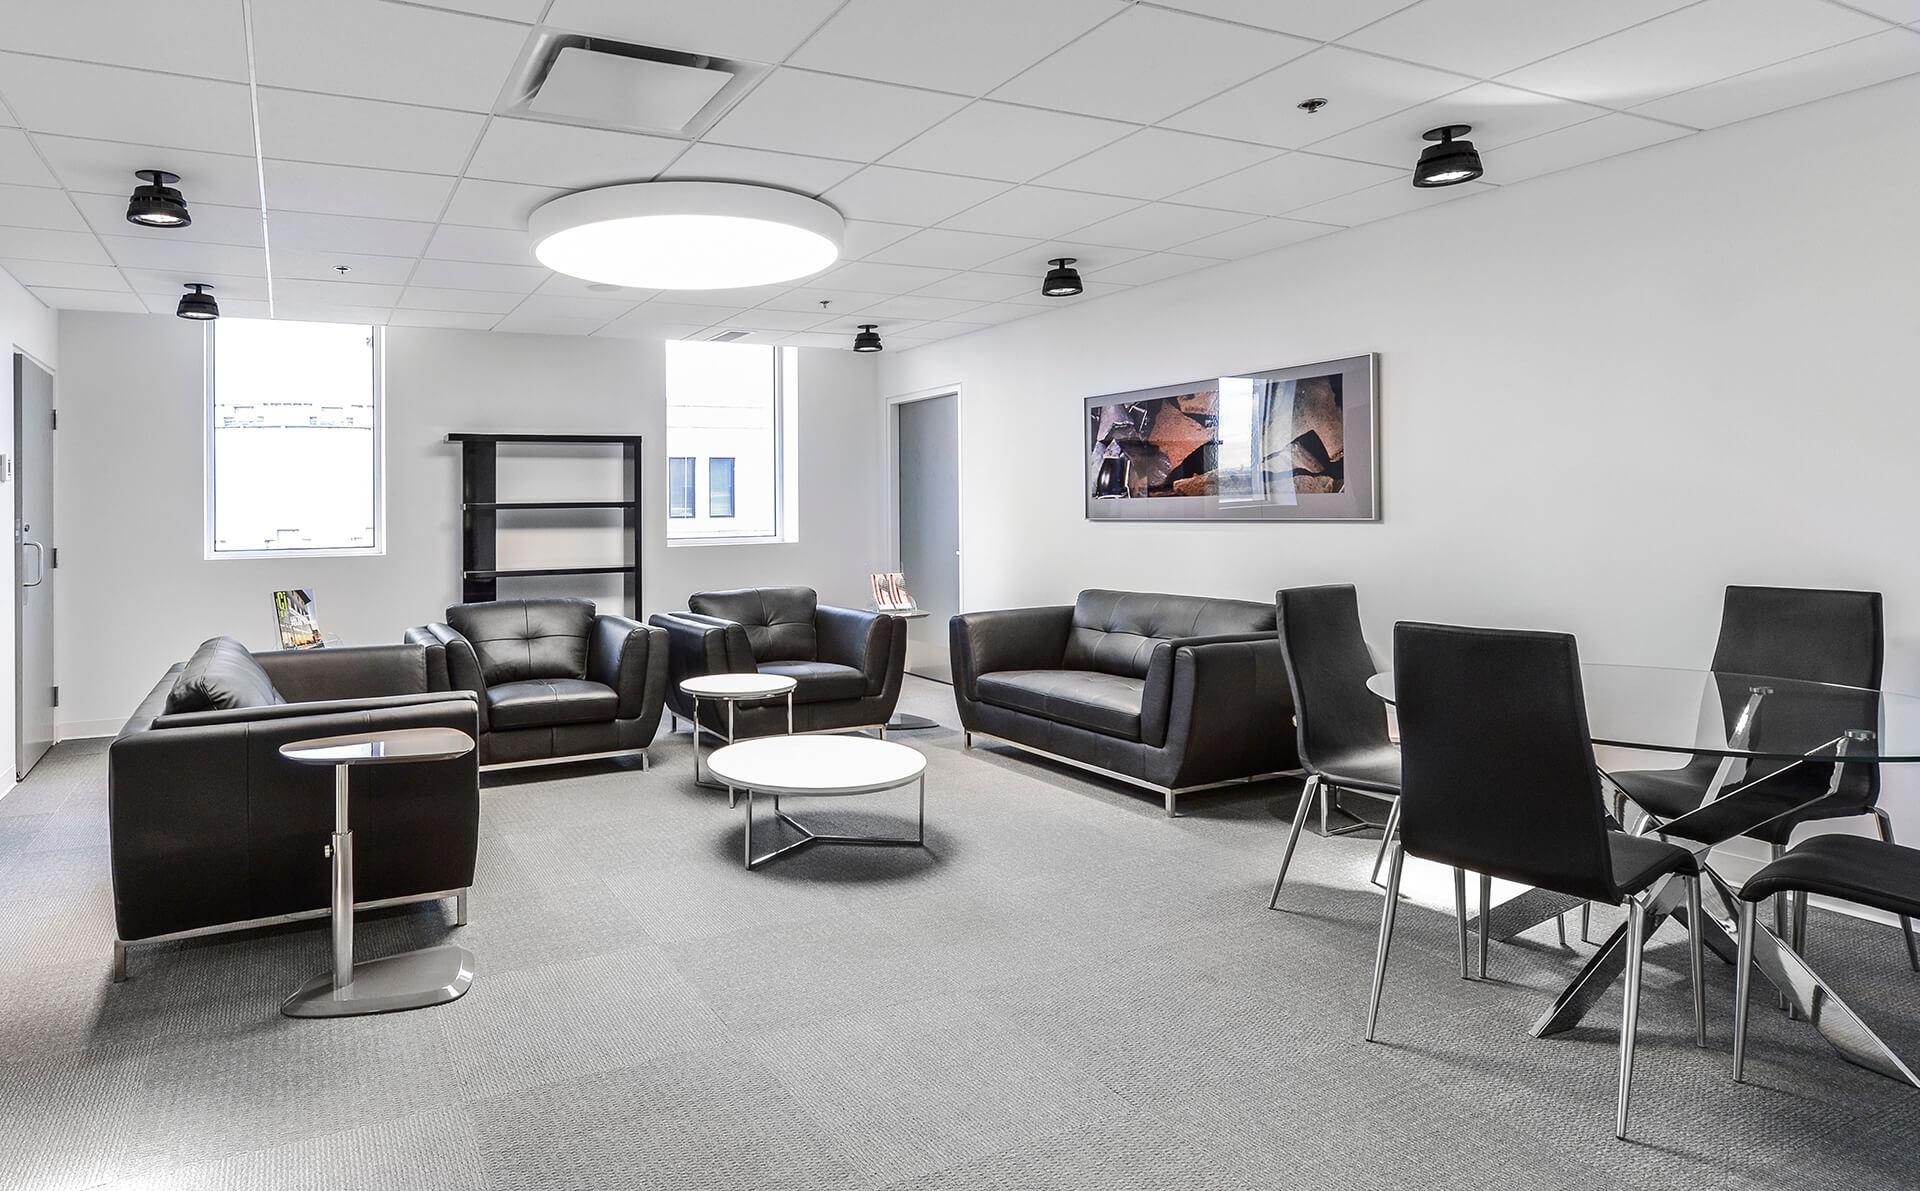 Salon des membres pointe calli re cit d 39 arch ologie for Salon workspace